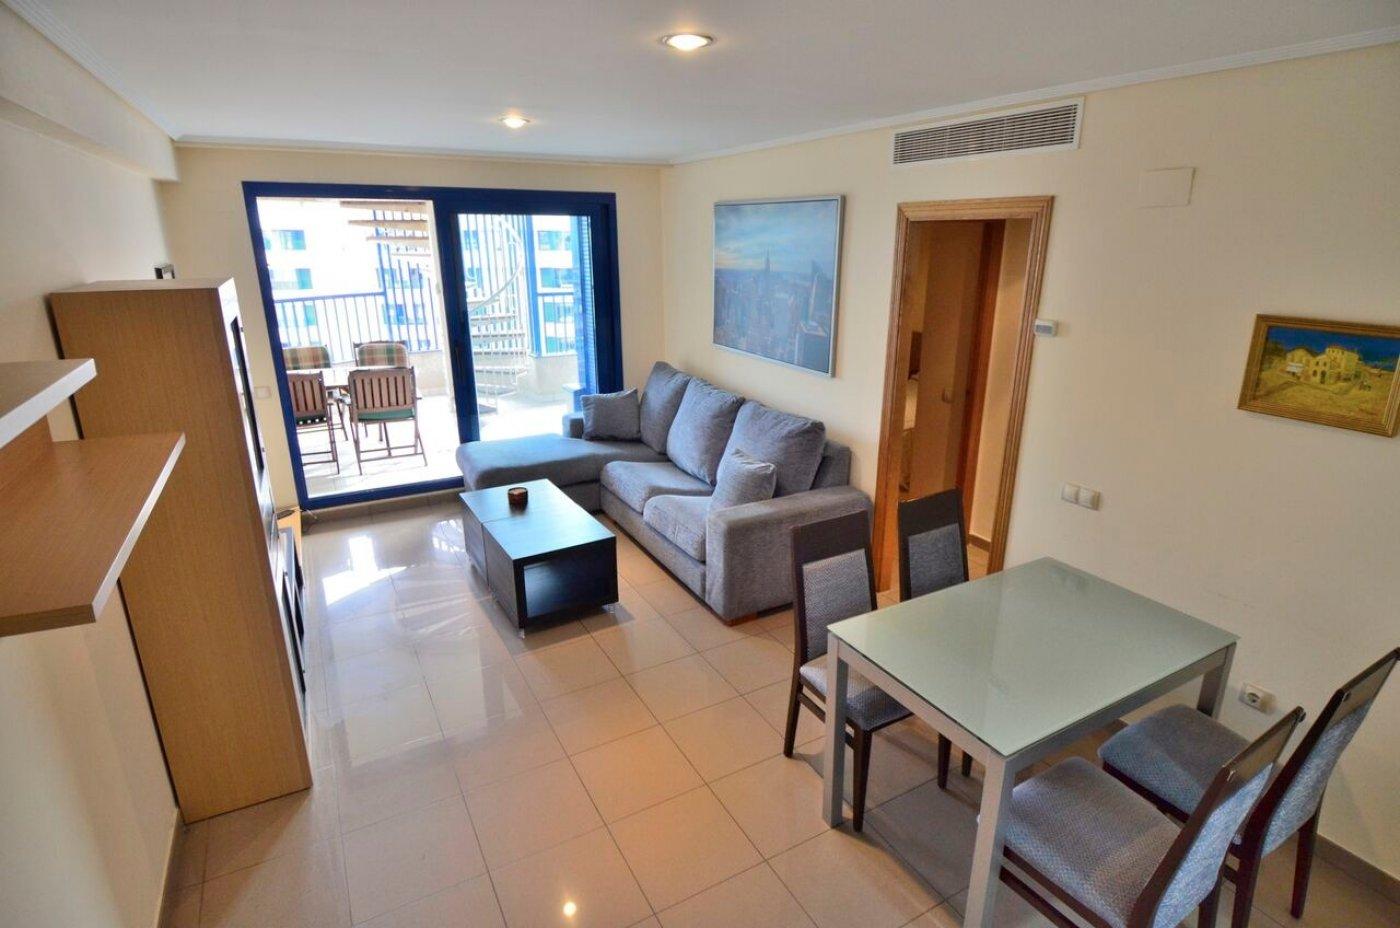 Oportunidad de atico duplex amueblado en residencial - imagenInmueble28